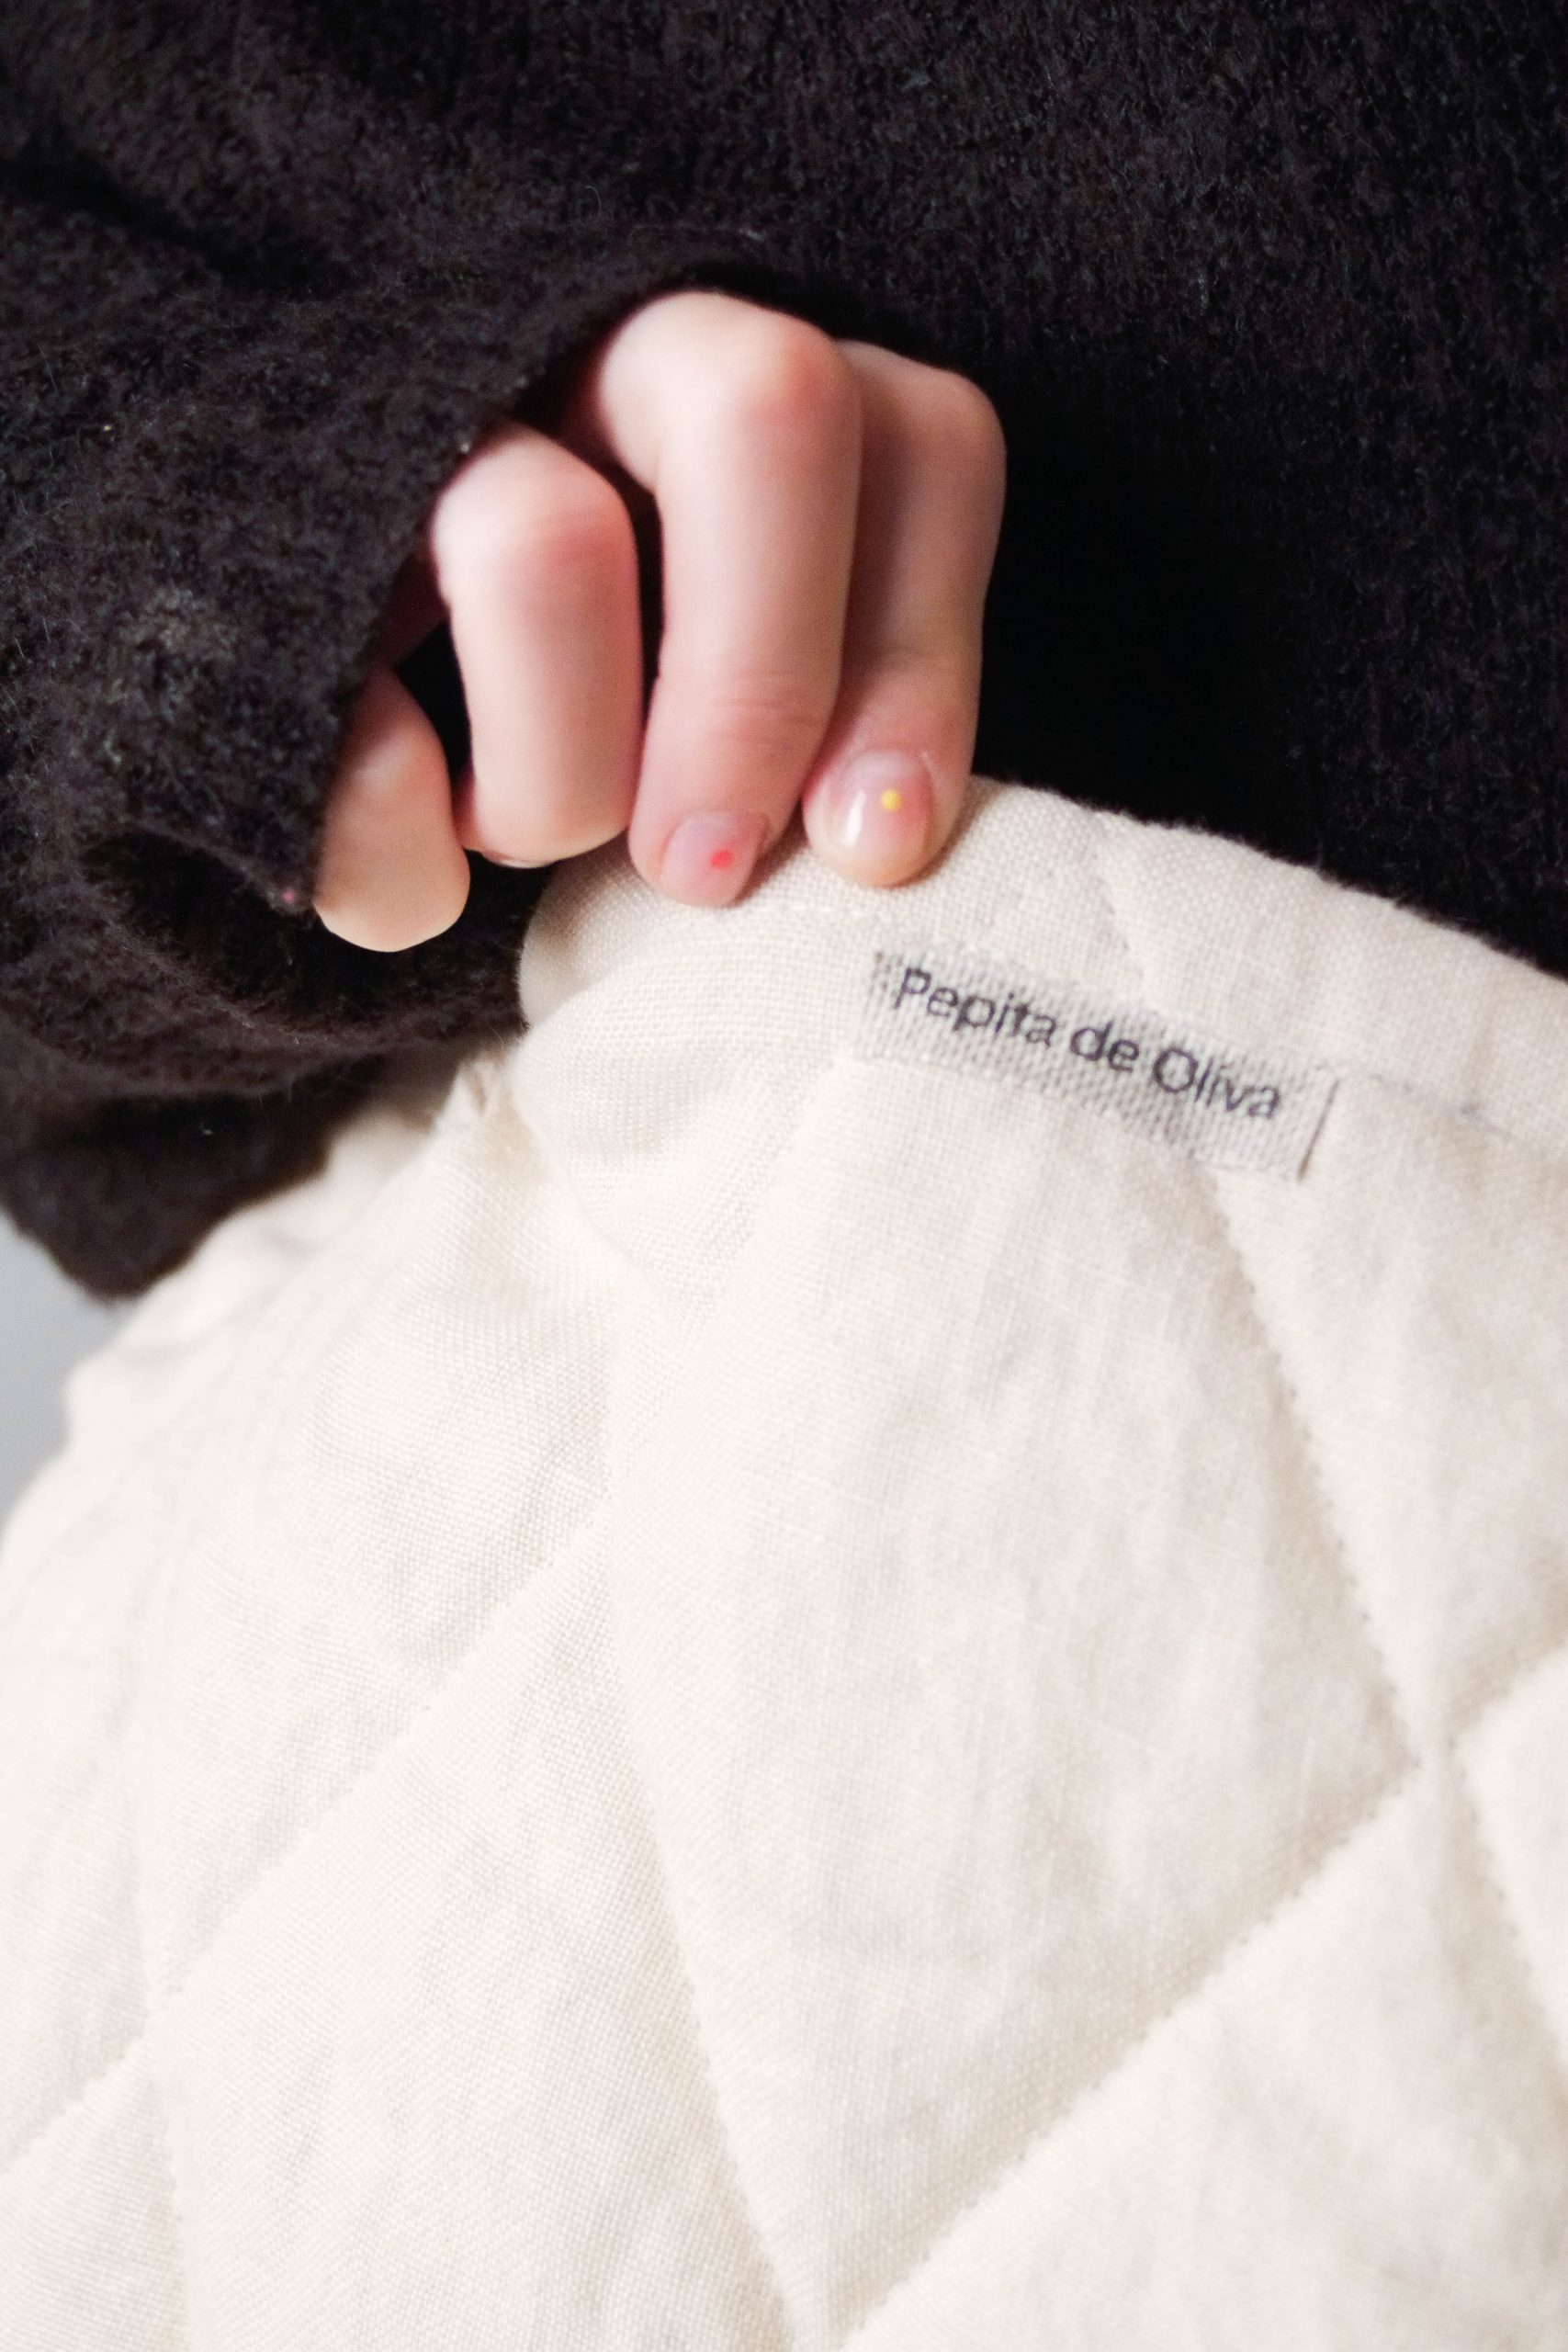 bolsa de guata detalle cosida tejido bolsa bonita tela